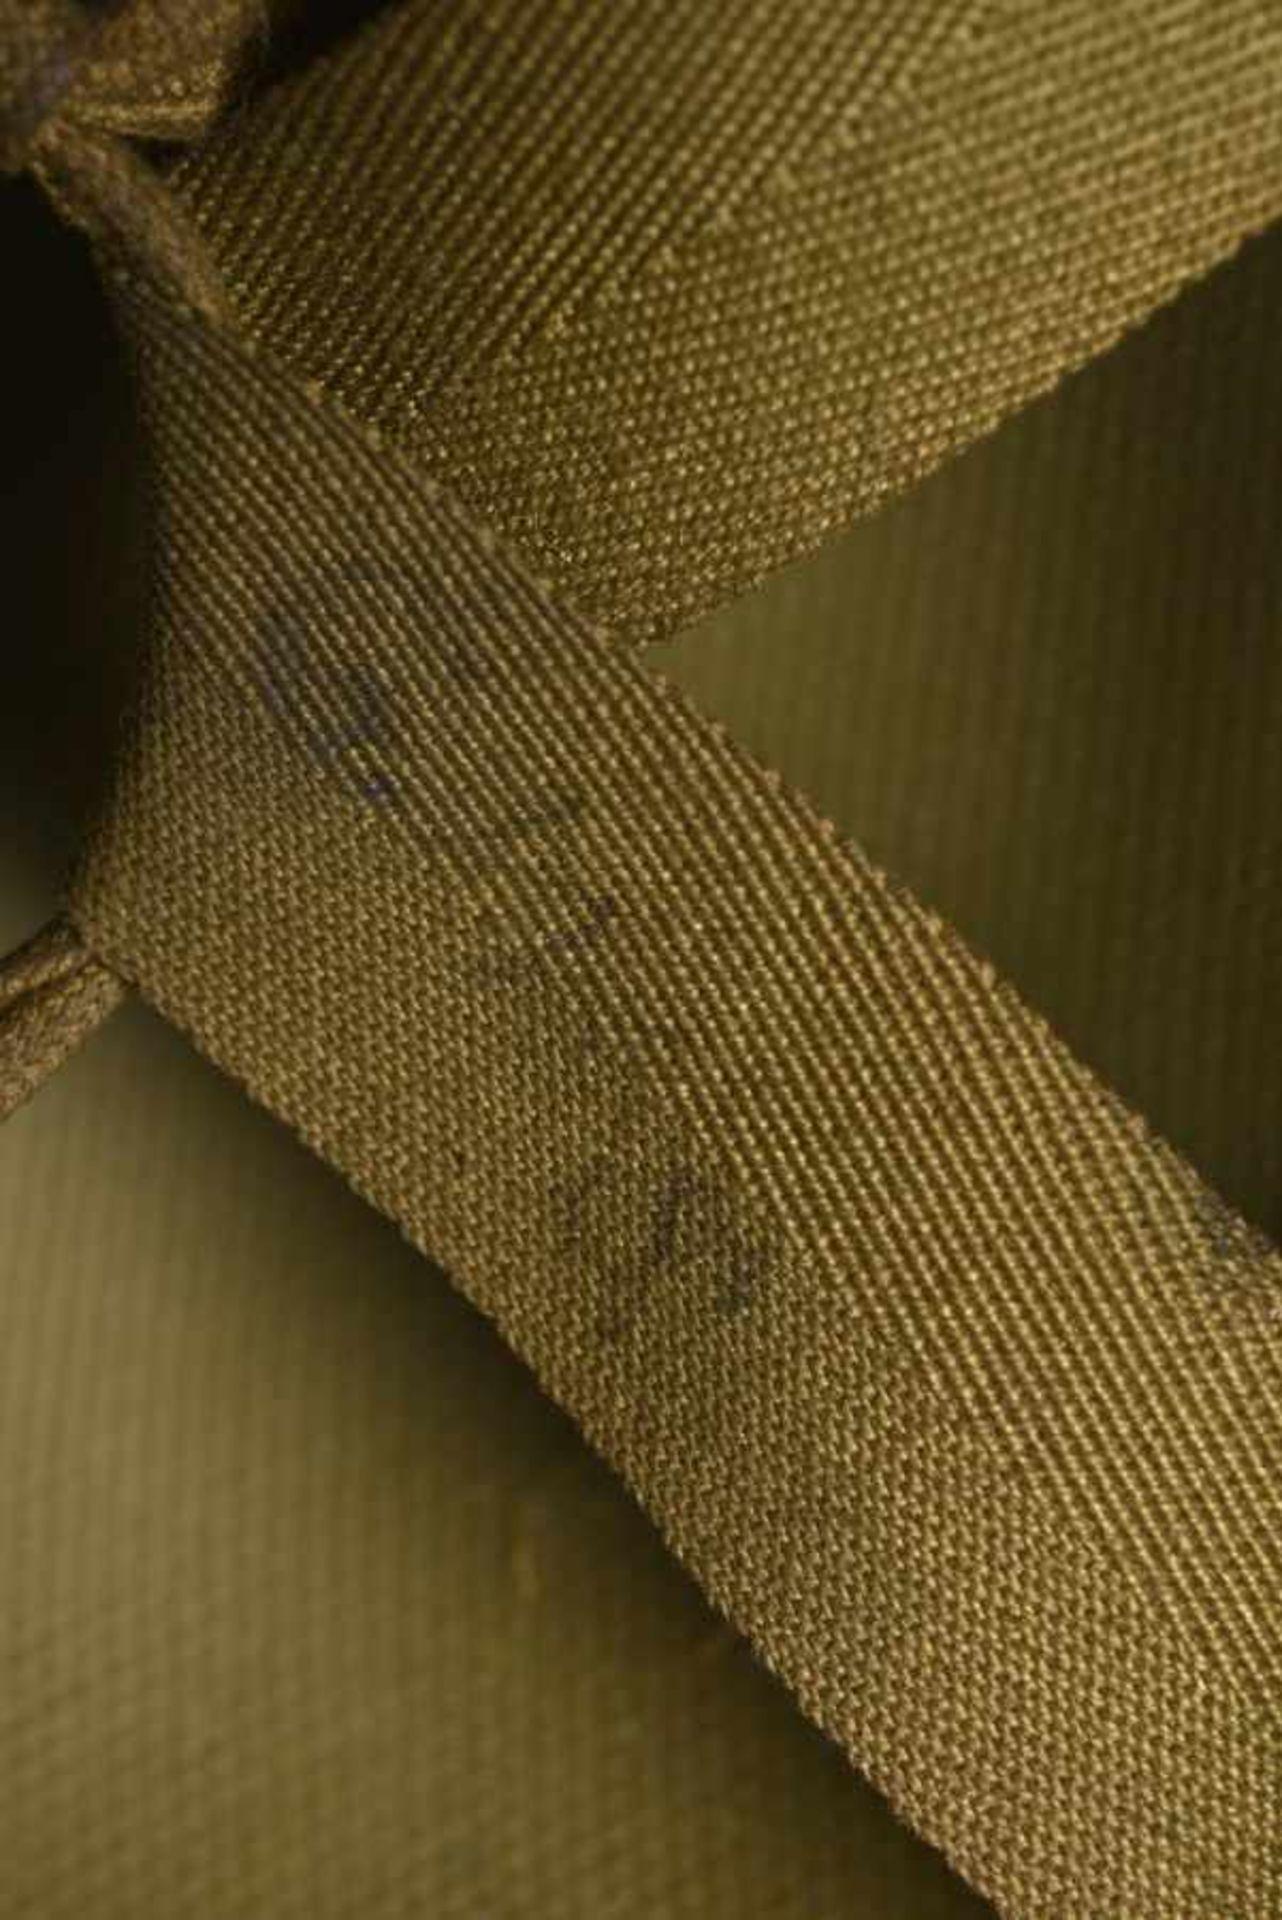 Liner Hawley de capitaine US Hawley Helmet Liner, US CaptainLiner carton, fabrication Hawley. - Bild 4 aus 4